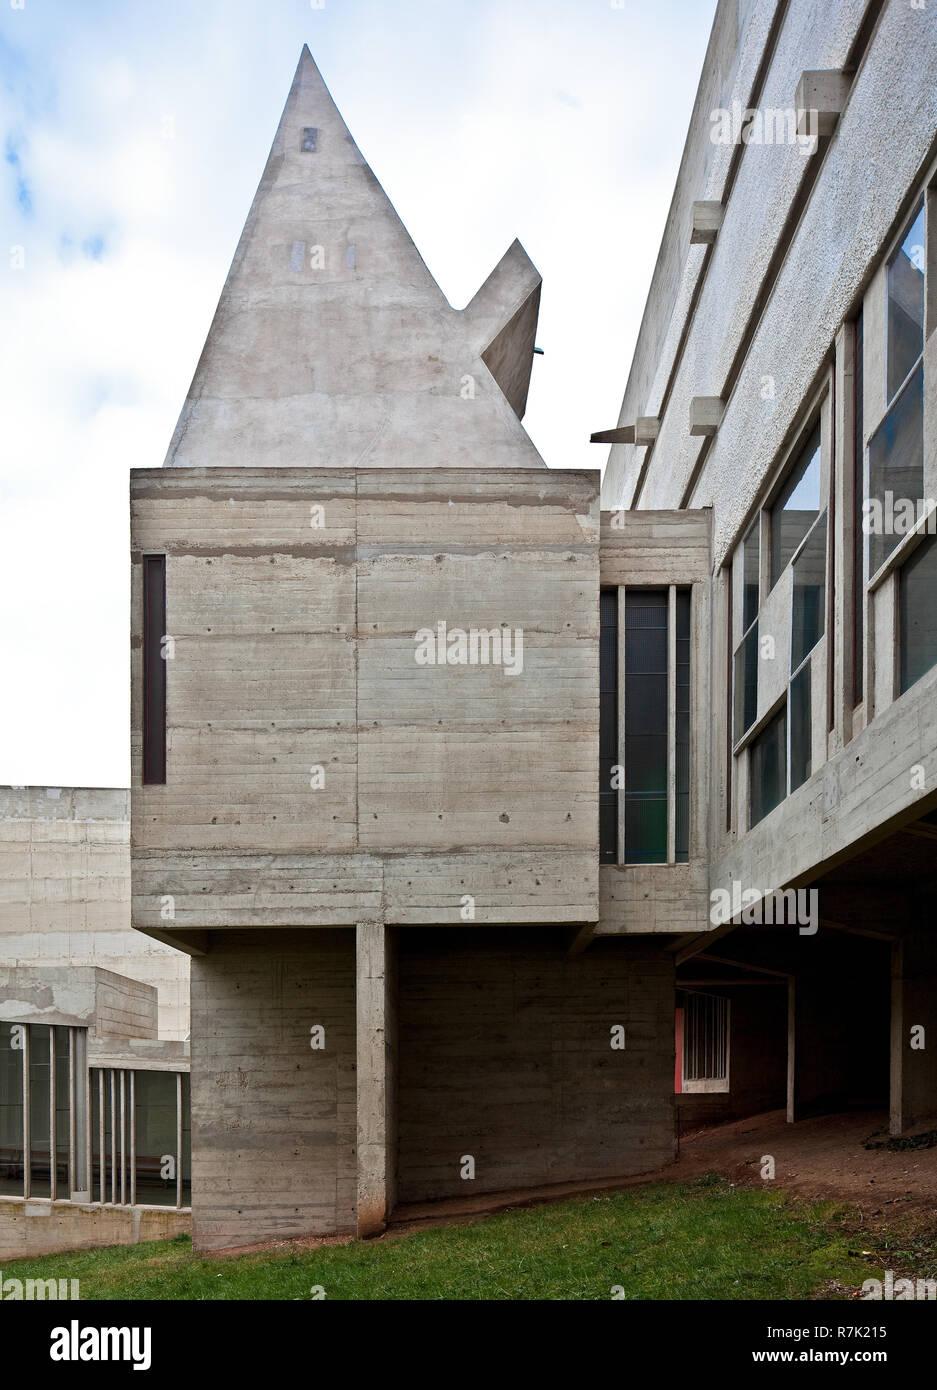 Éveux bei Lyon, Kloster Sainte-Marie de La Tourette, 1956-1960 von Le Corbusier, Kapelle im Innenhof Banque D'Images